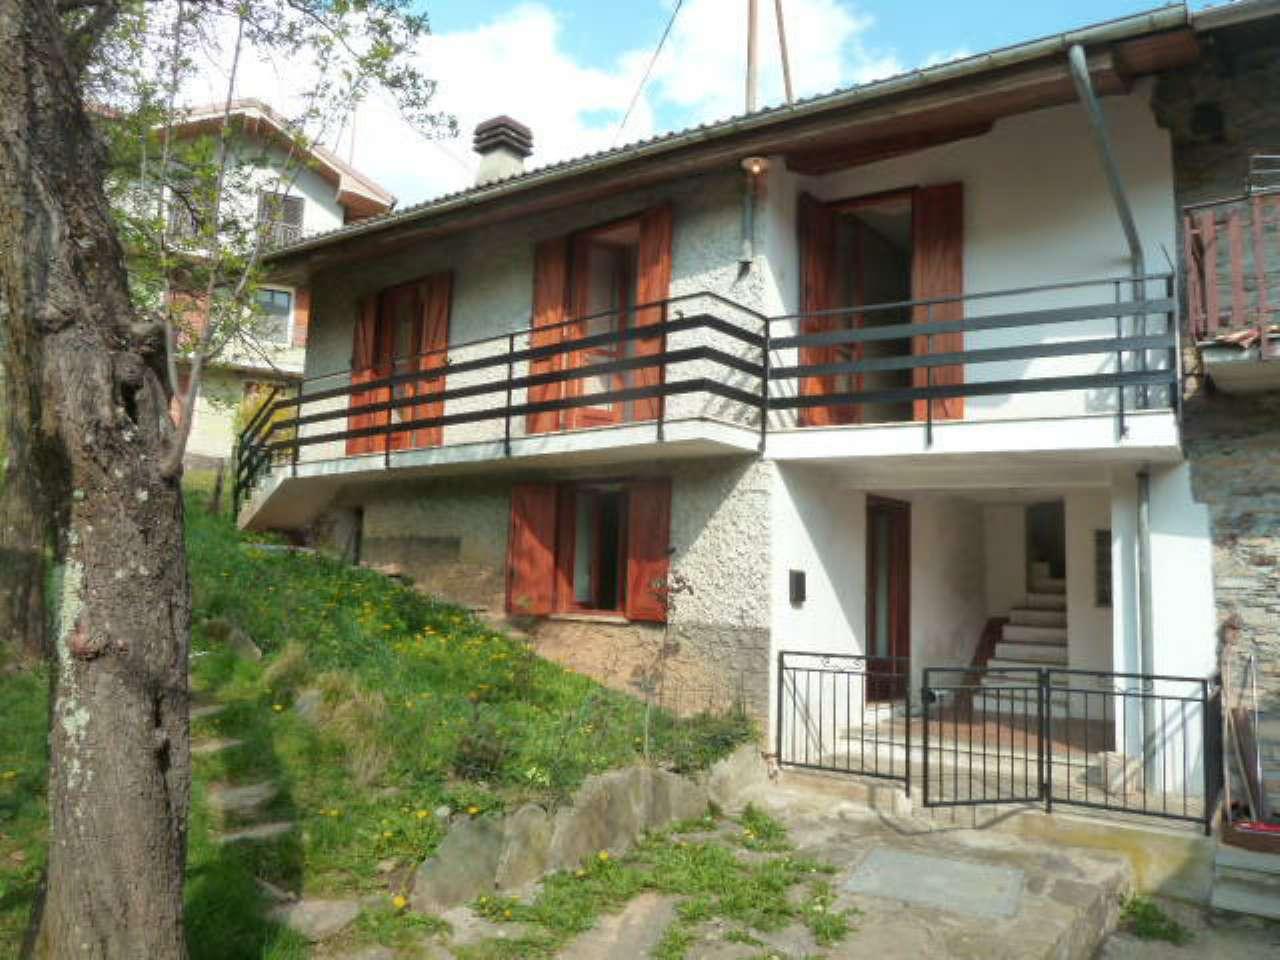 Soluzione Indipendente in vendita a Monastero di Lanzo, 6 locali, prezzo € 39.000 | PortaleAgenzieImmobiliari.it